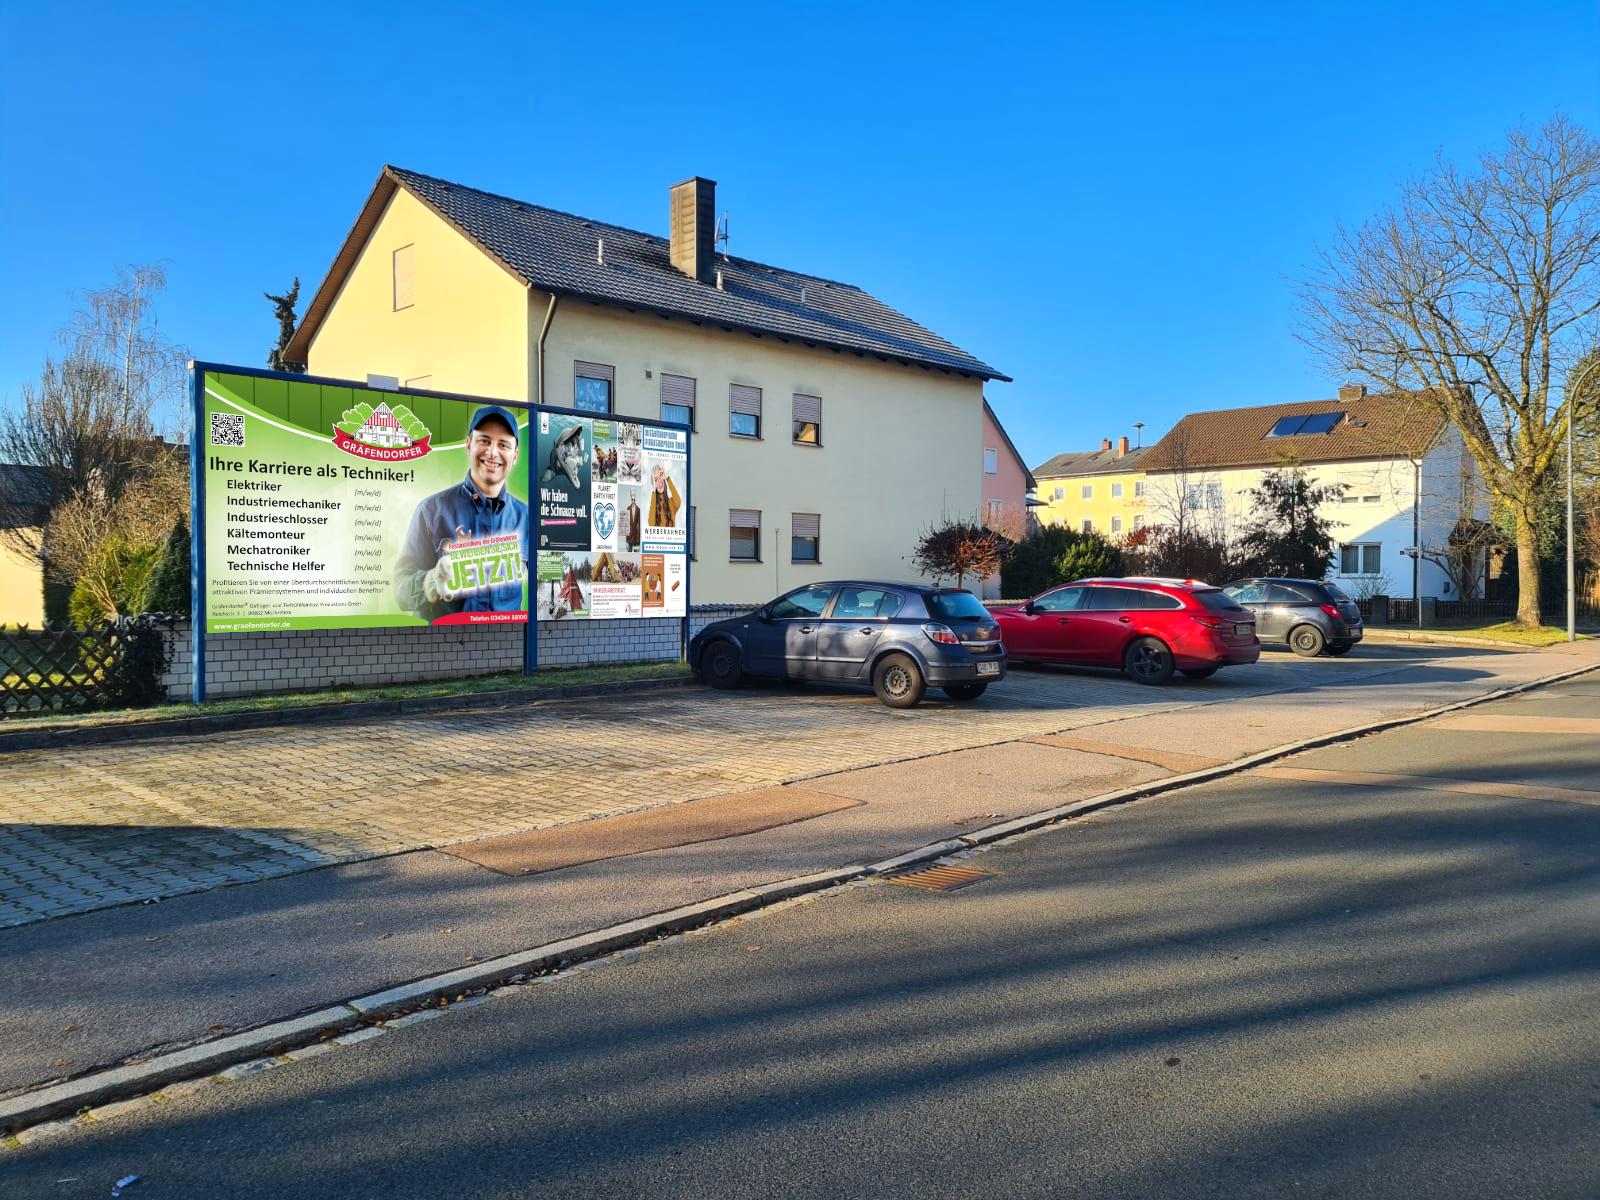 Bahnhofstr. - Karl-Knab-Str.